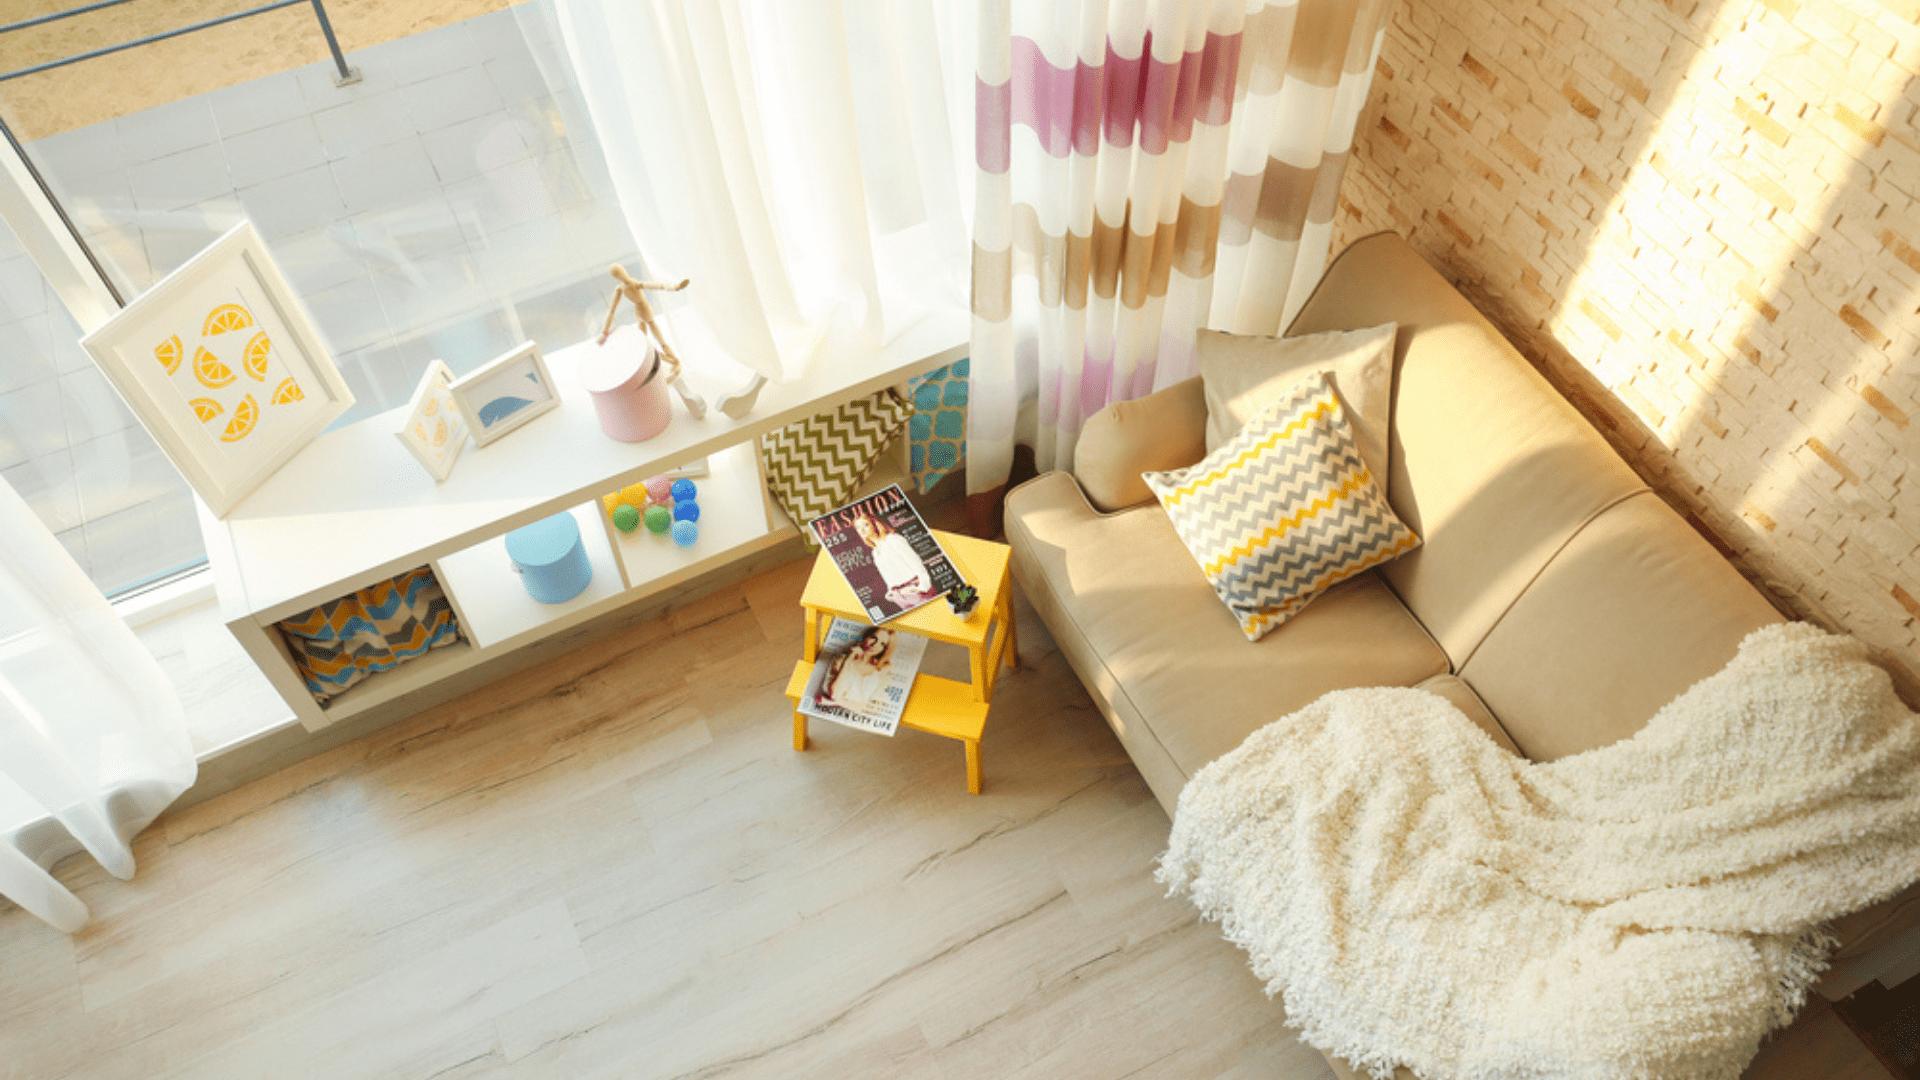 Veja as nossas dicas sobre como decorar uma sala pequena! (Imagem: Reprodução/Shutterstock)